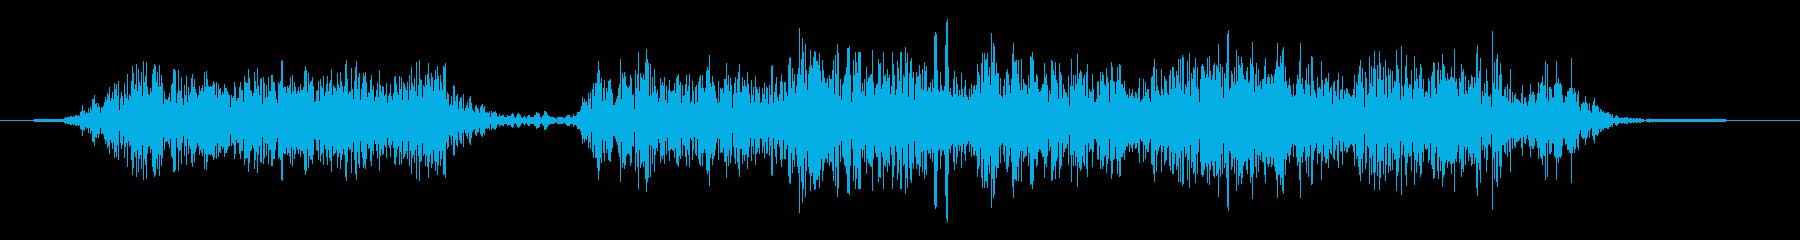 火炎放射器 ミディアムヘビーマルチ01の再生済みの波形